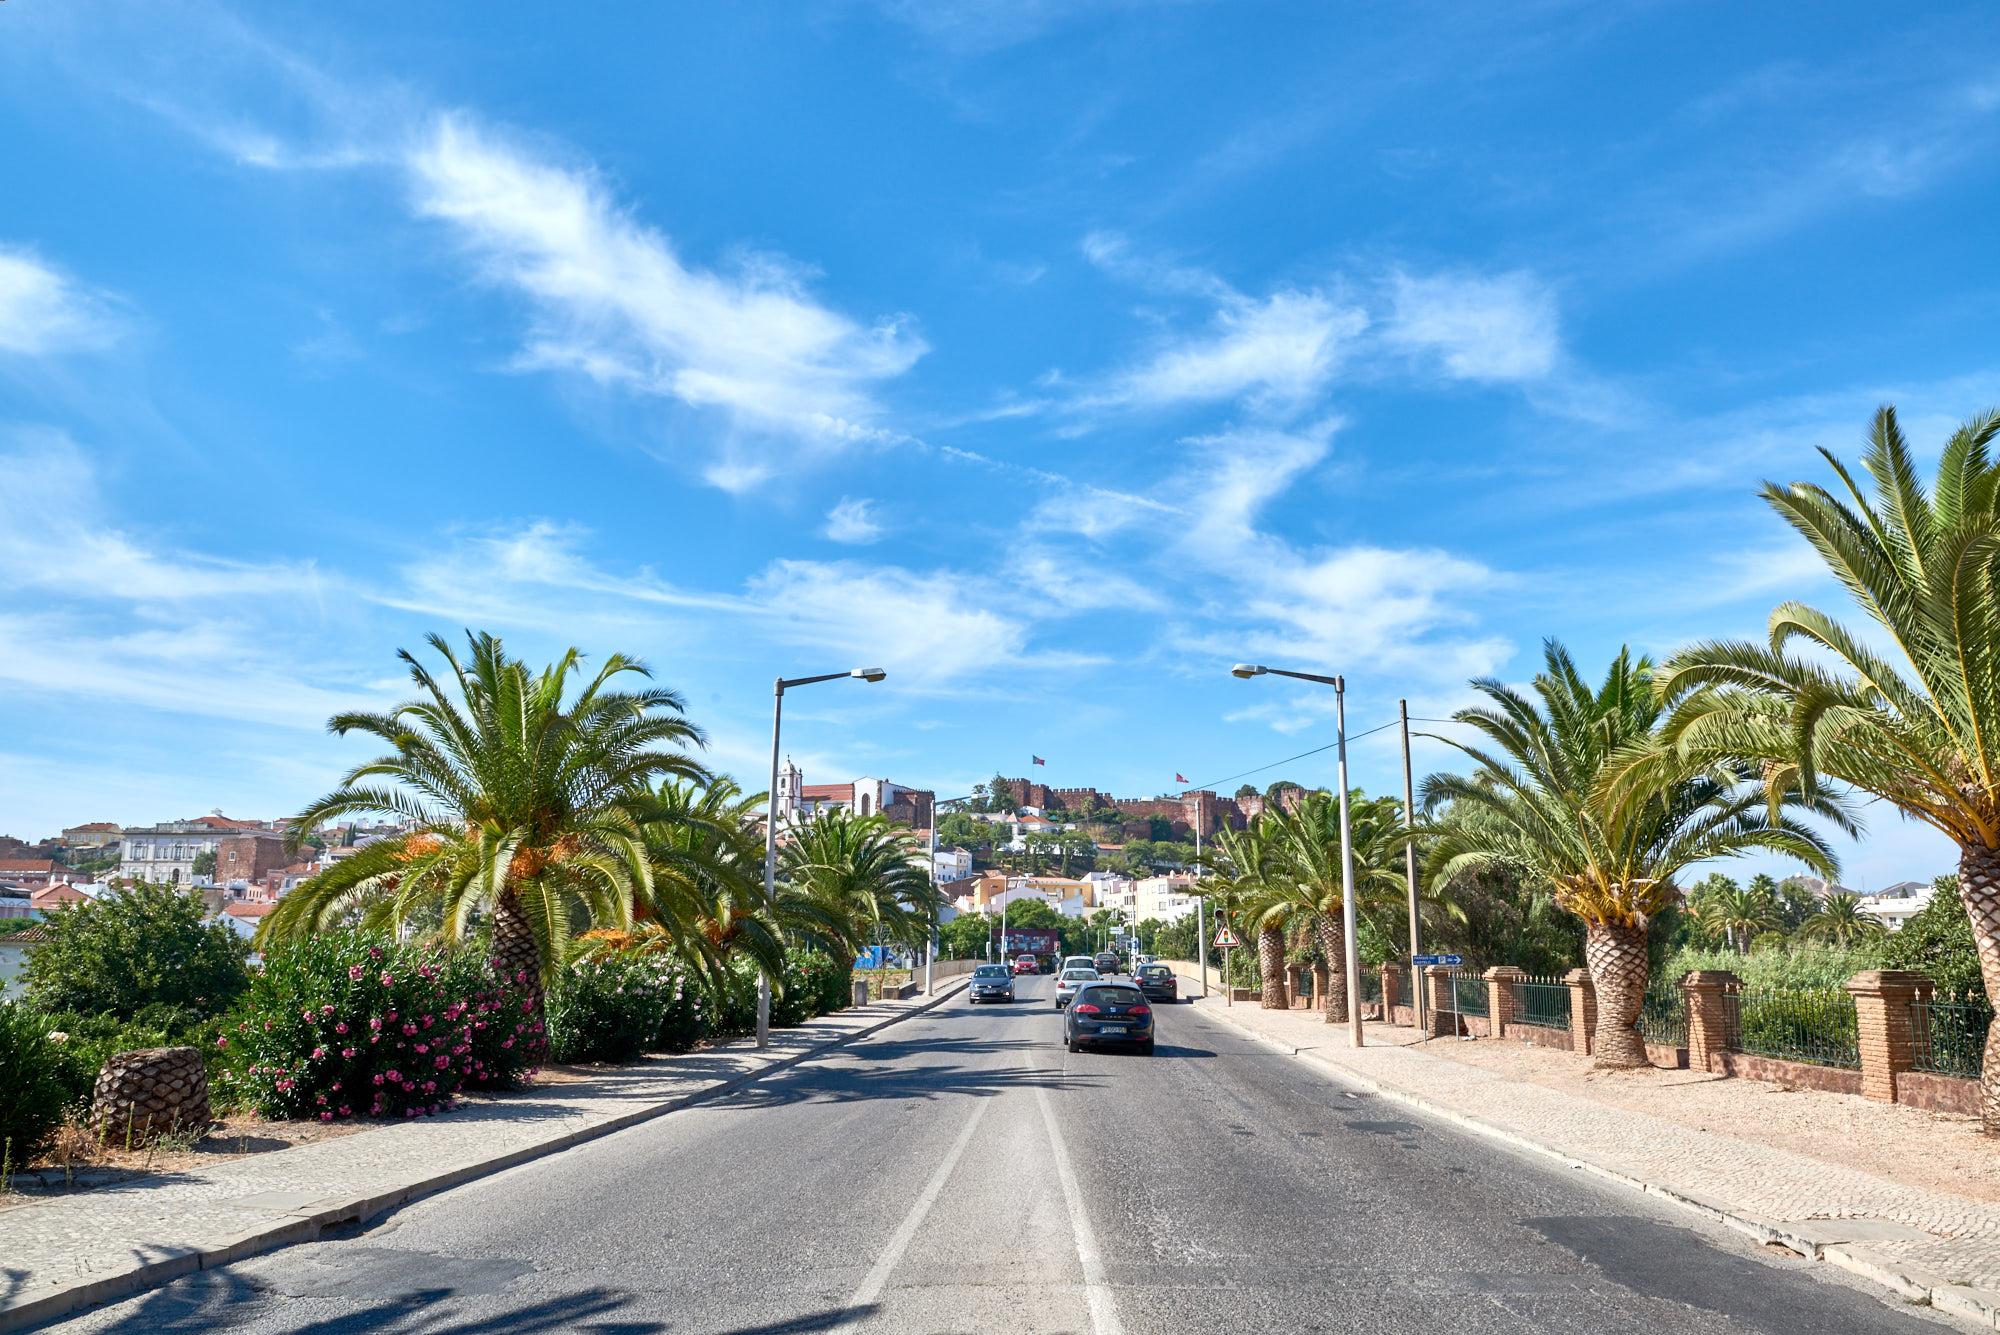 Autofahren an der Algarve